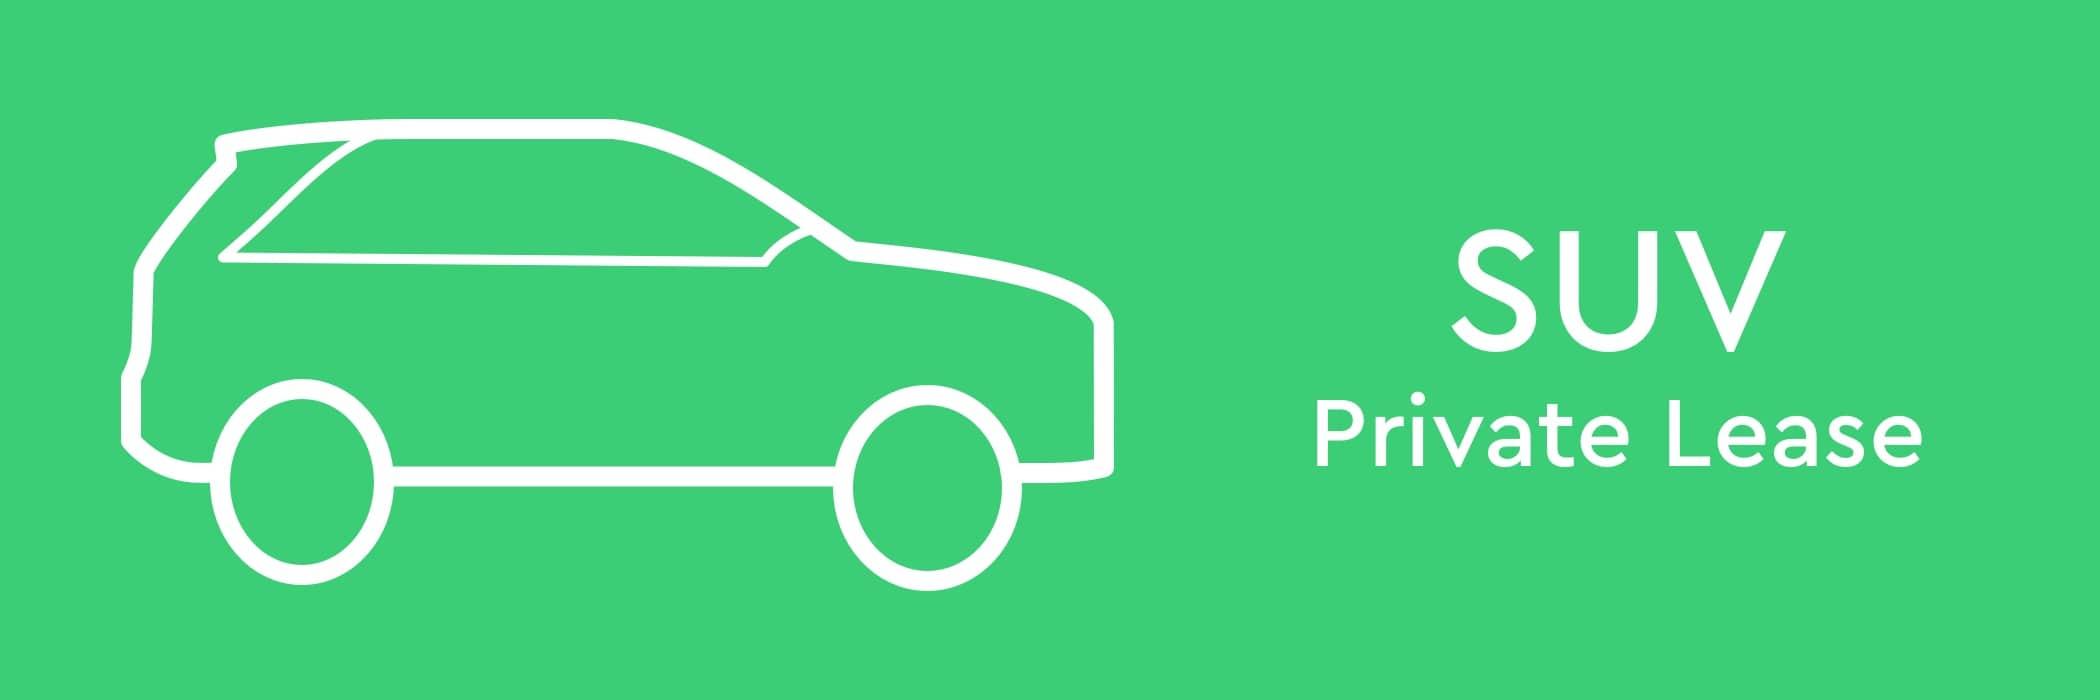 suv private lease auto